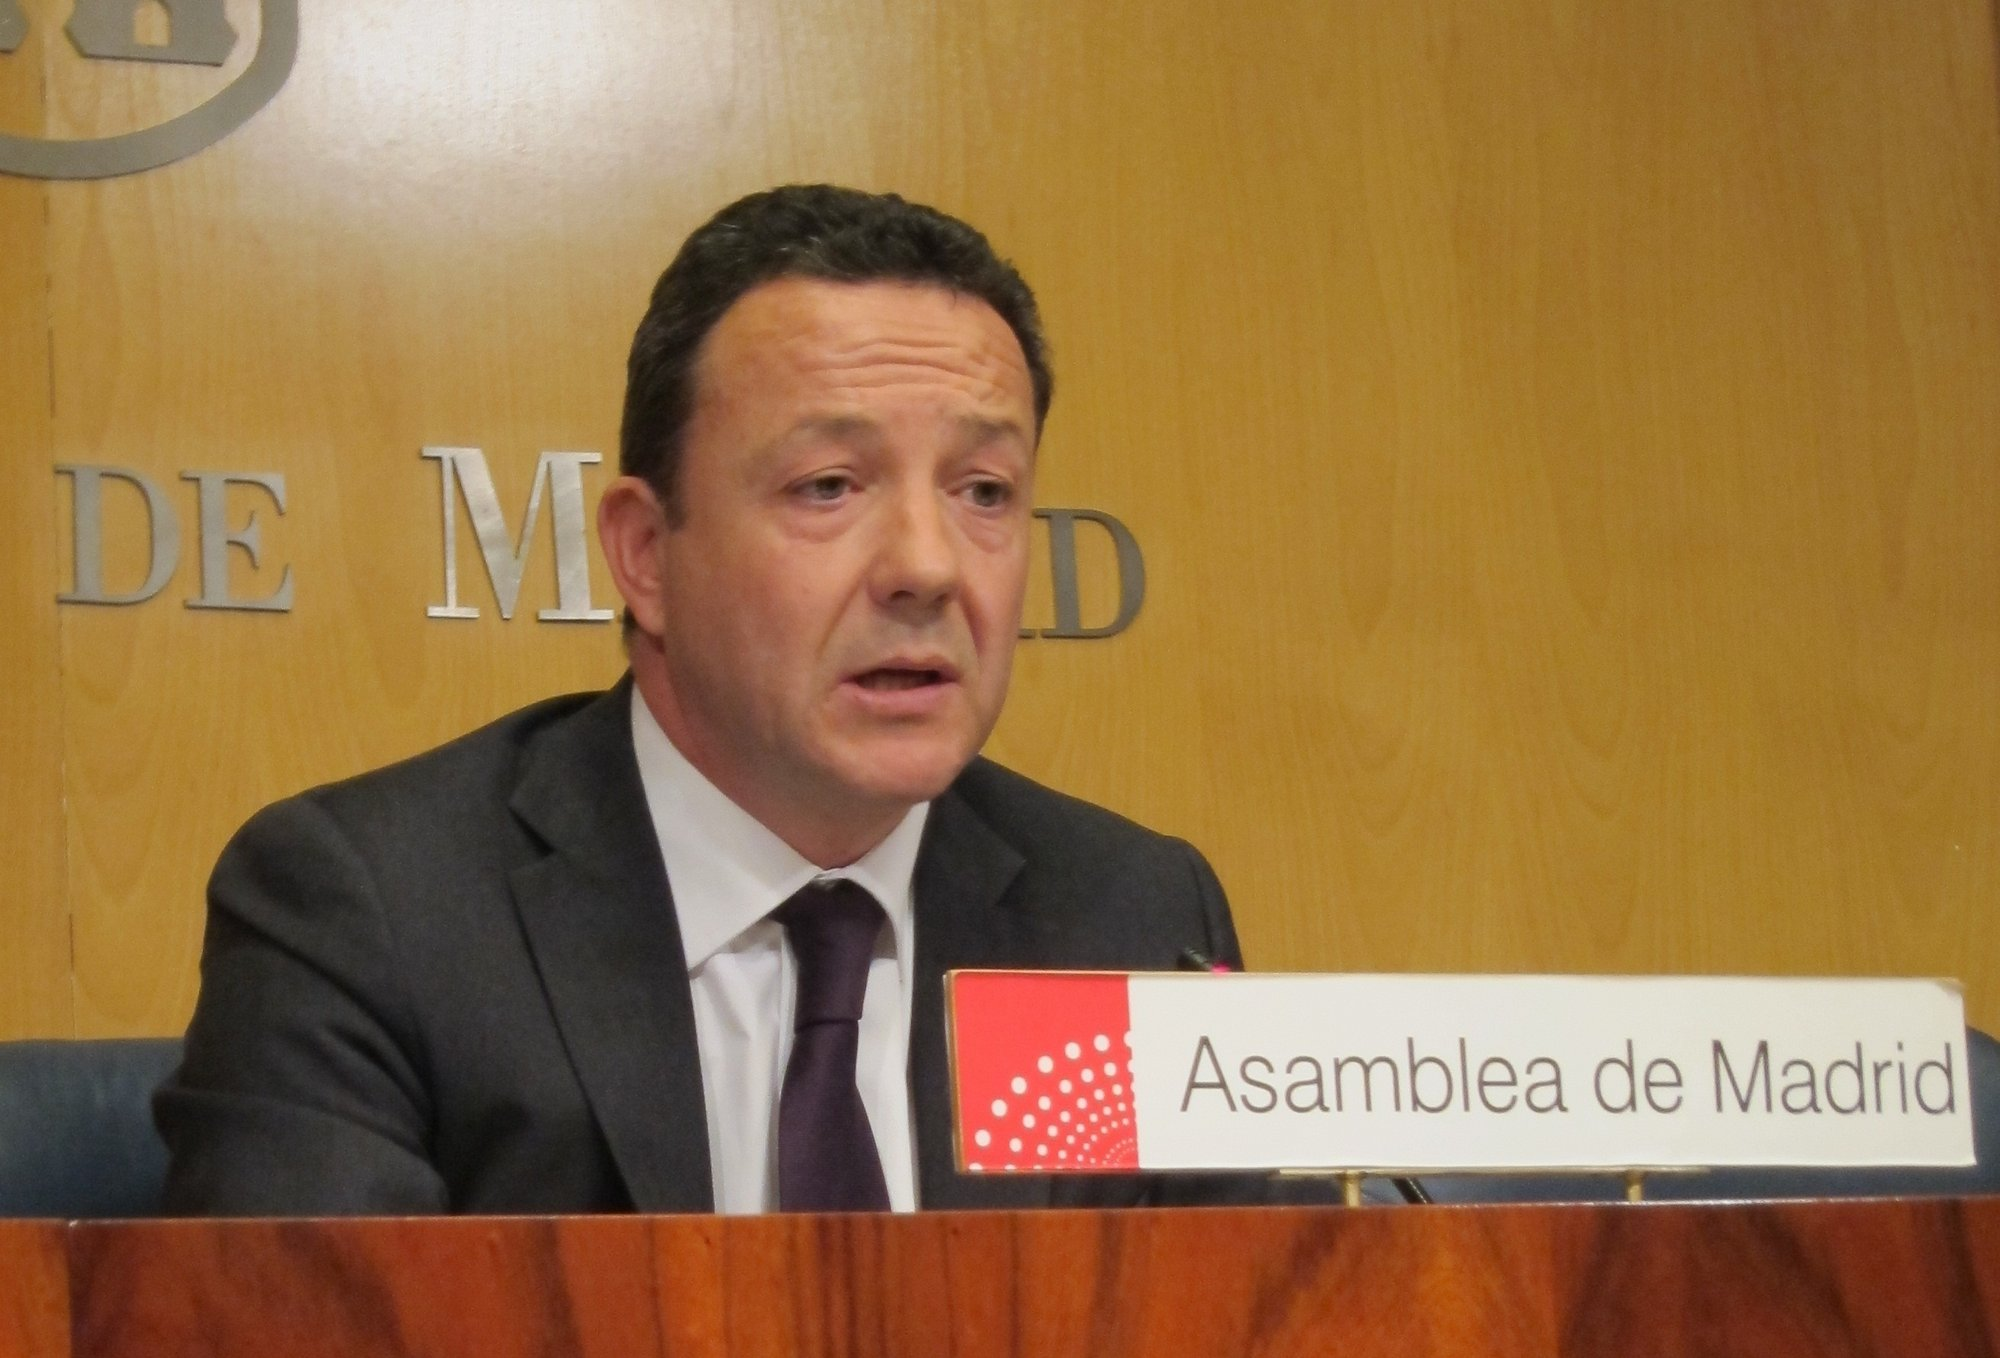 Henríquez de Luna (PP), satisfecho tras el Congreso del PP, dice que seguirá defendiendo las Primarias en el futuro